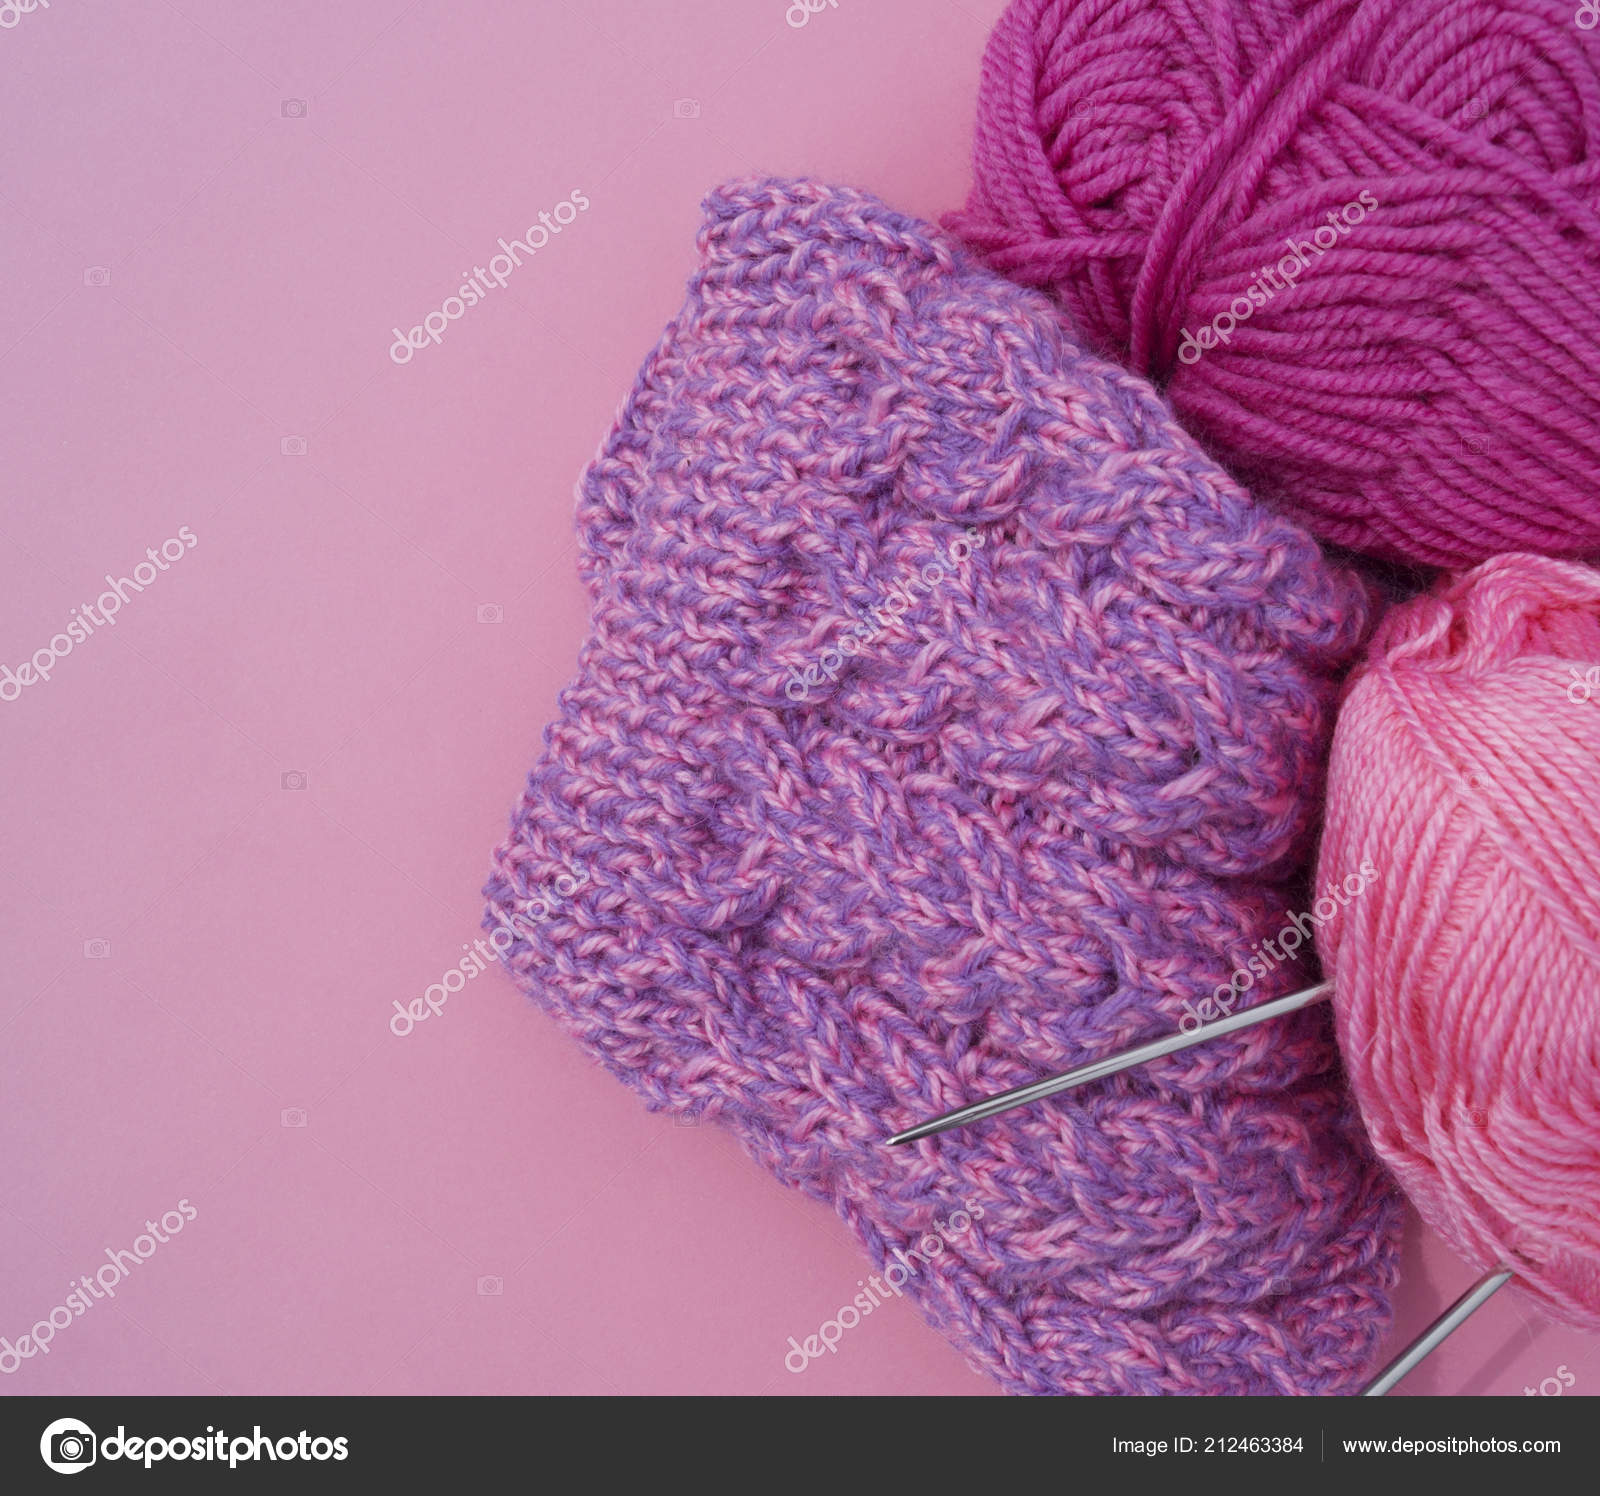 Processo Tricotar Gorro Lilás Fios Fundo Rosa Fio Acolhedor Seu —  Fotografia de Stock ab074f97900